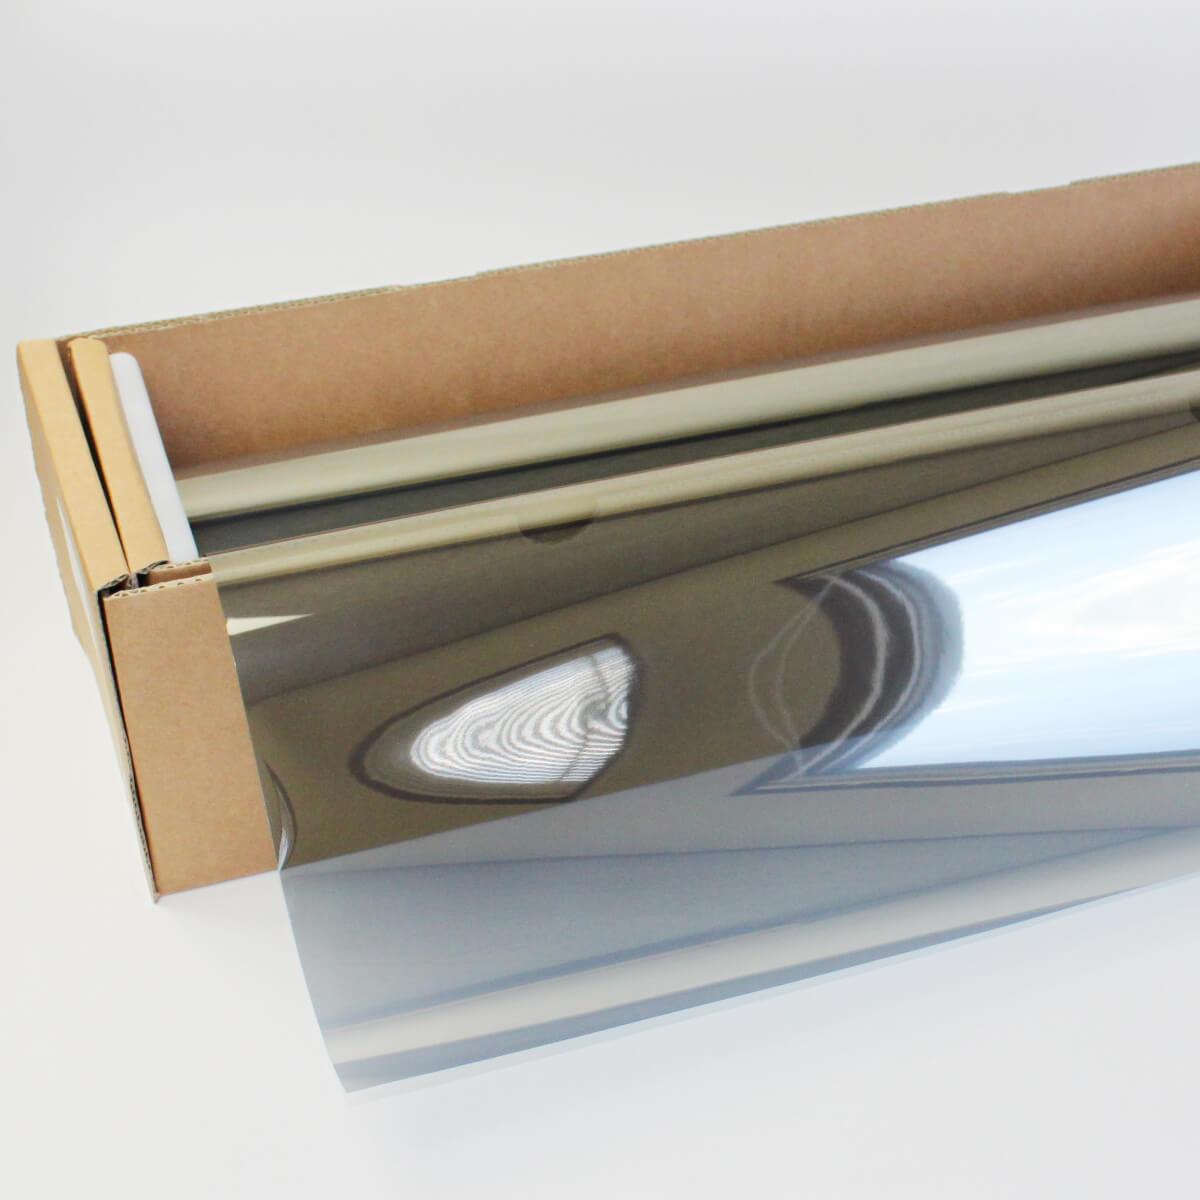 ウィンドウフィルム 窓ガラスフィルムスパッタシルバー35 50cm幅×30mロール箱売 マジックミラーフィルム 遮熱フィルム 断熱フィルム UVカットフィルム ブレインテック Braintec